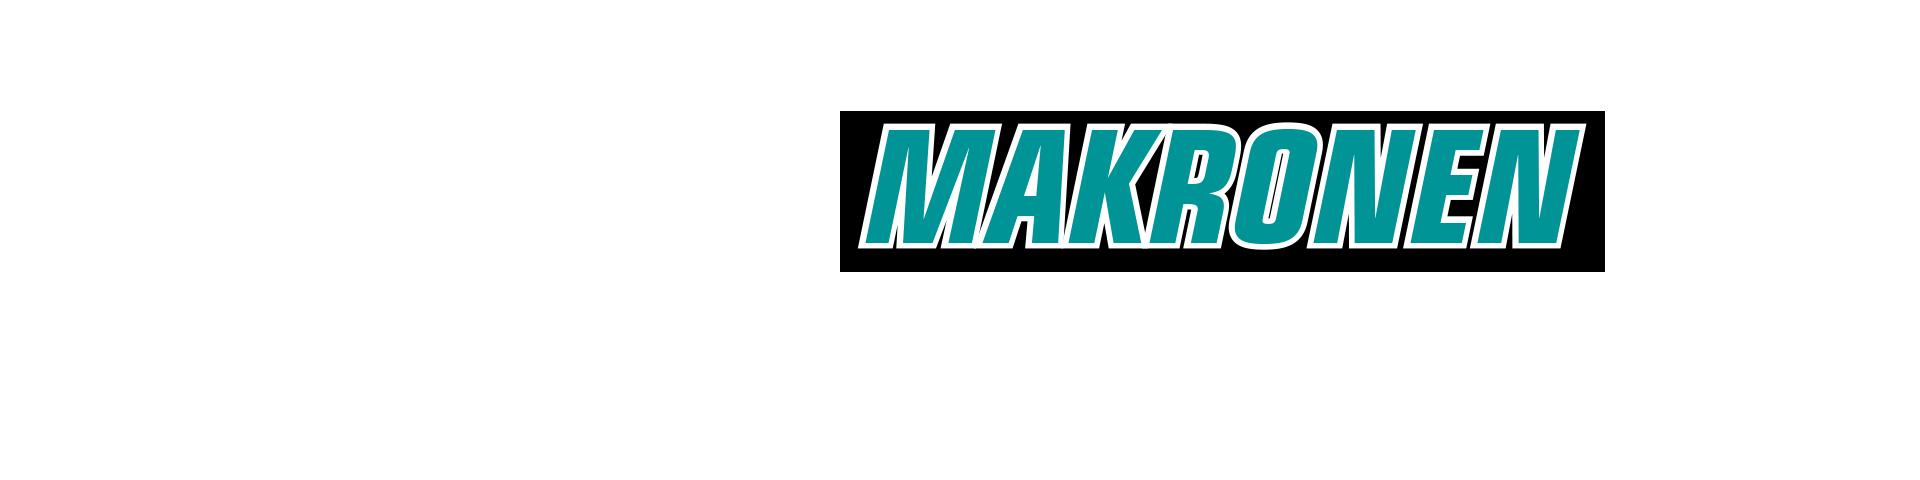 makronen-flavour_8.png